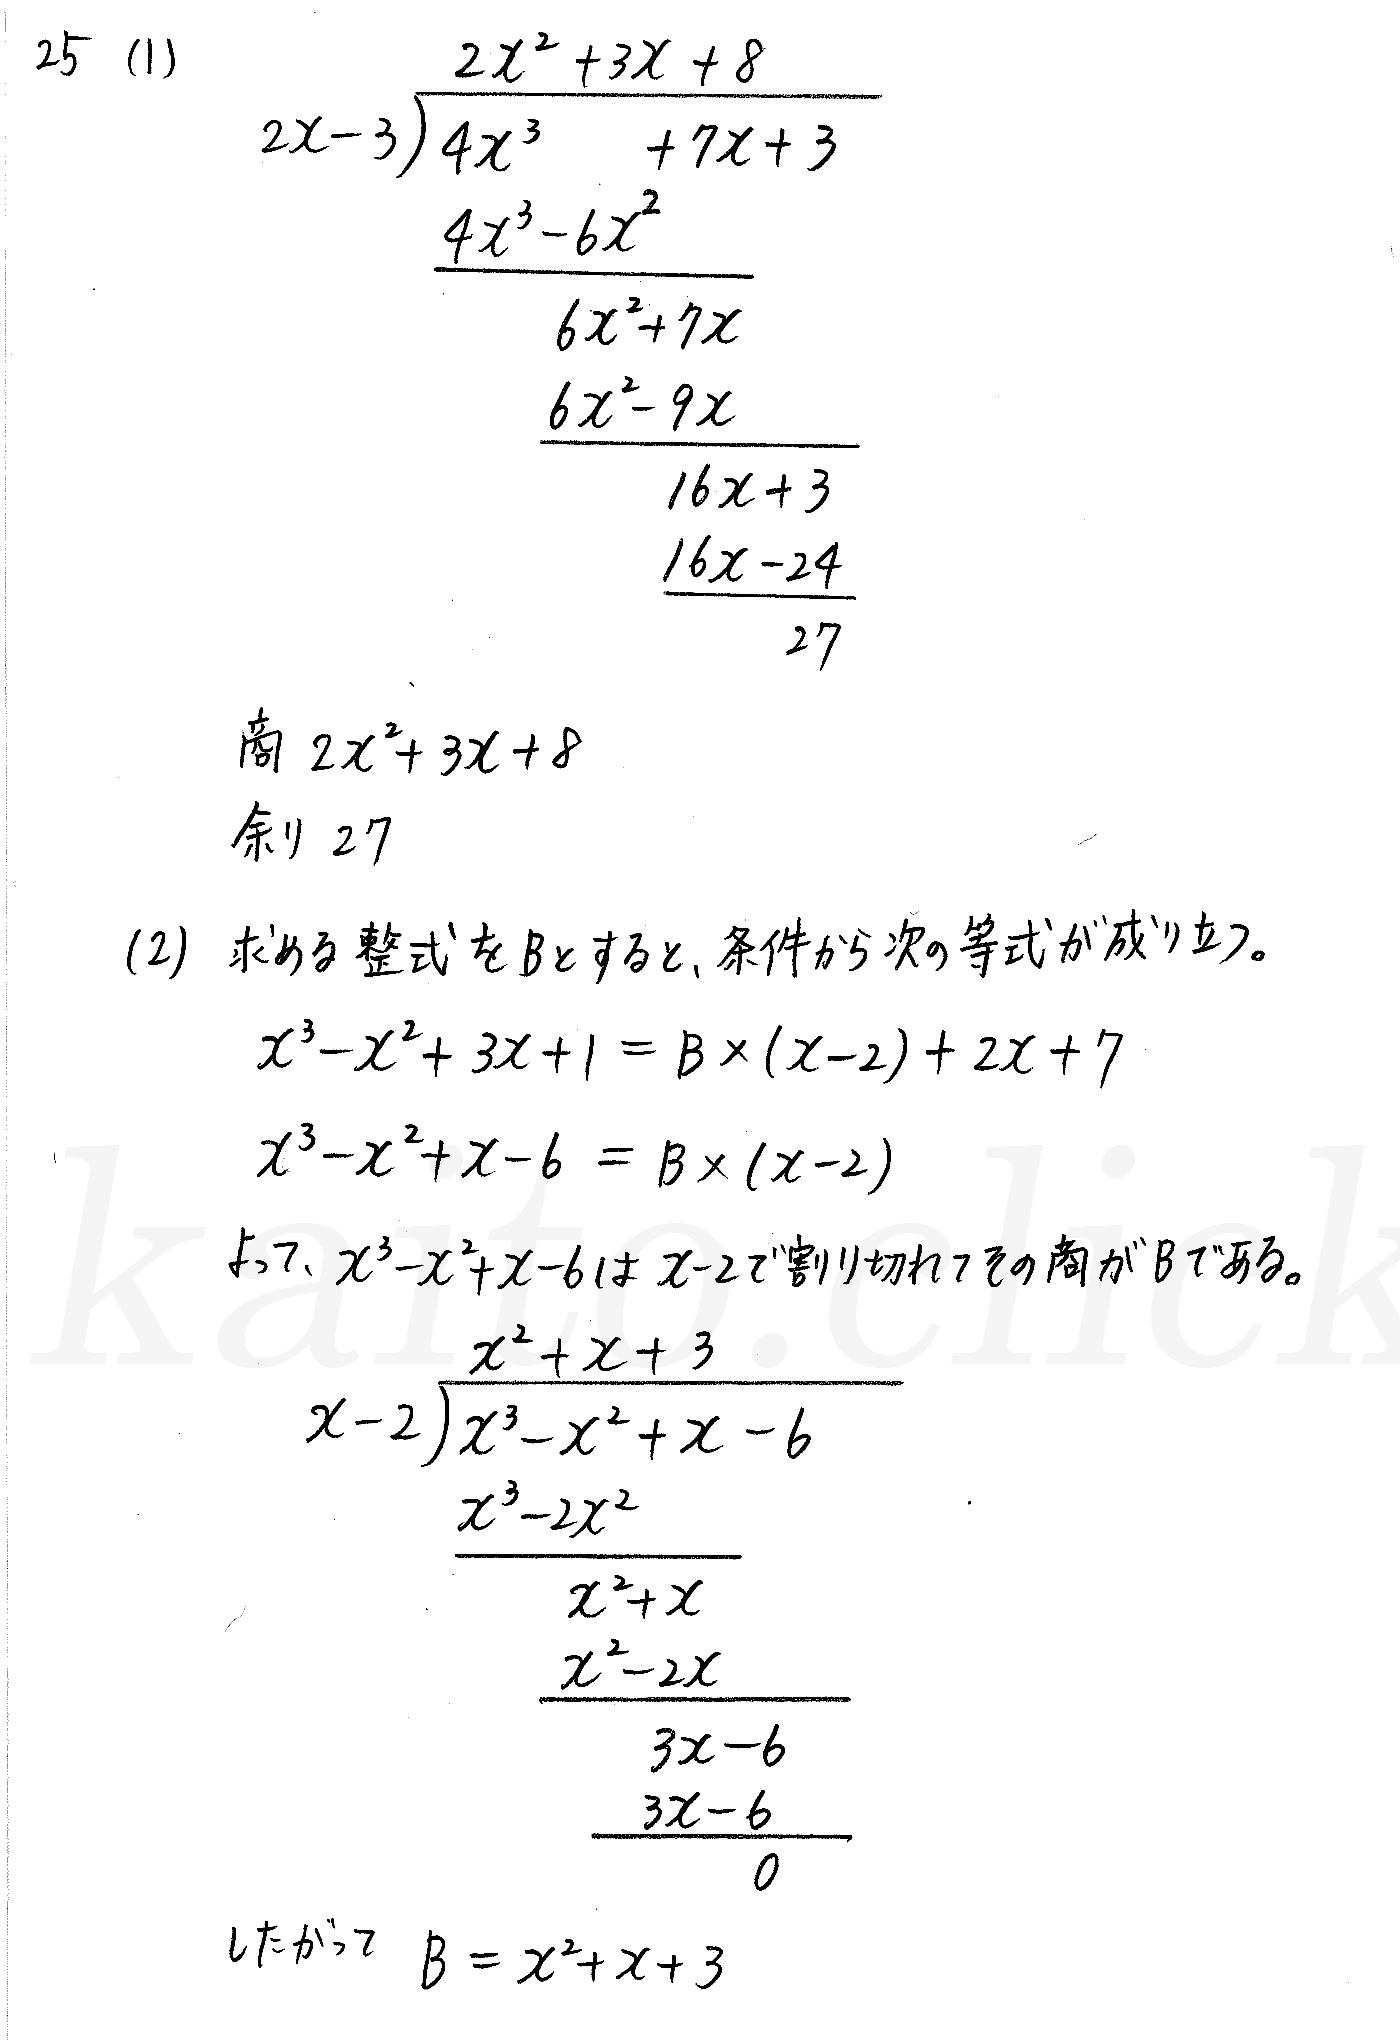 クリアー数学2-25解答